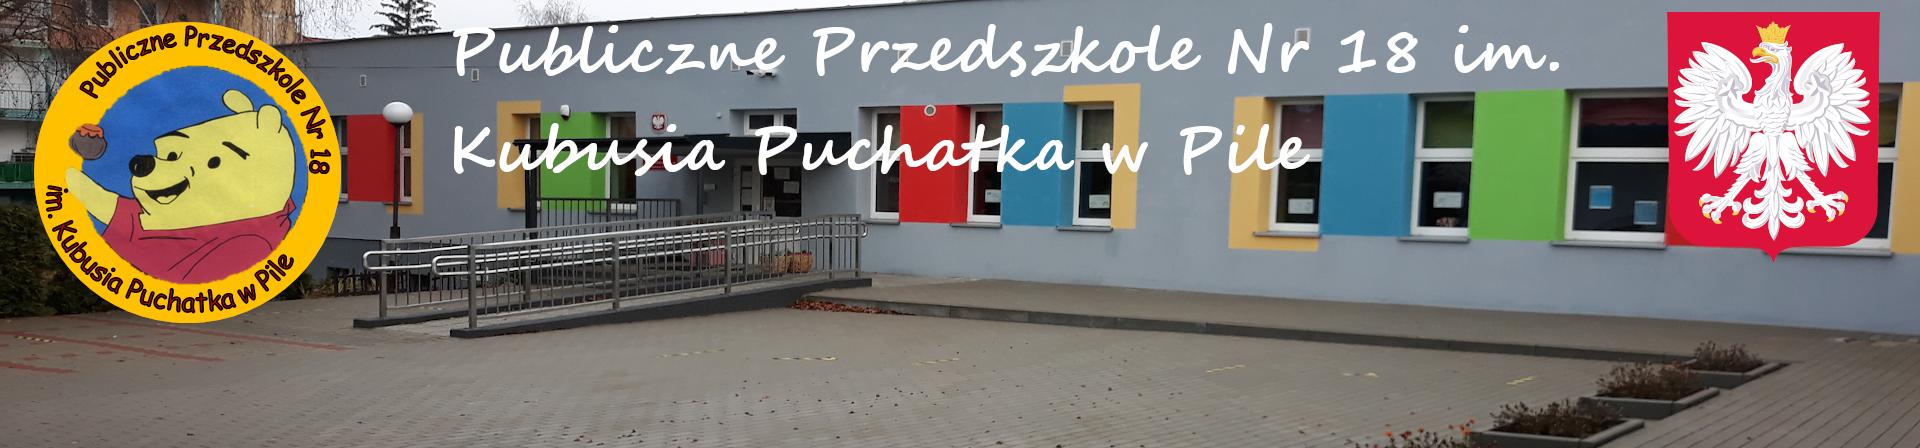 Publiczne Przedszkole Nr 18 im. Kubusia Puchatka w Pile